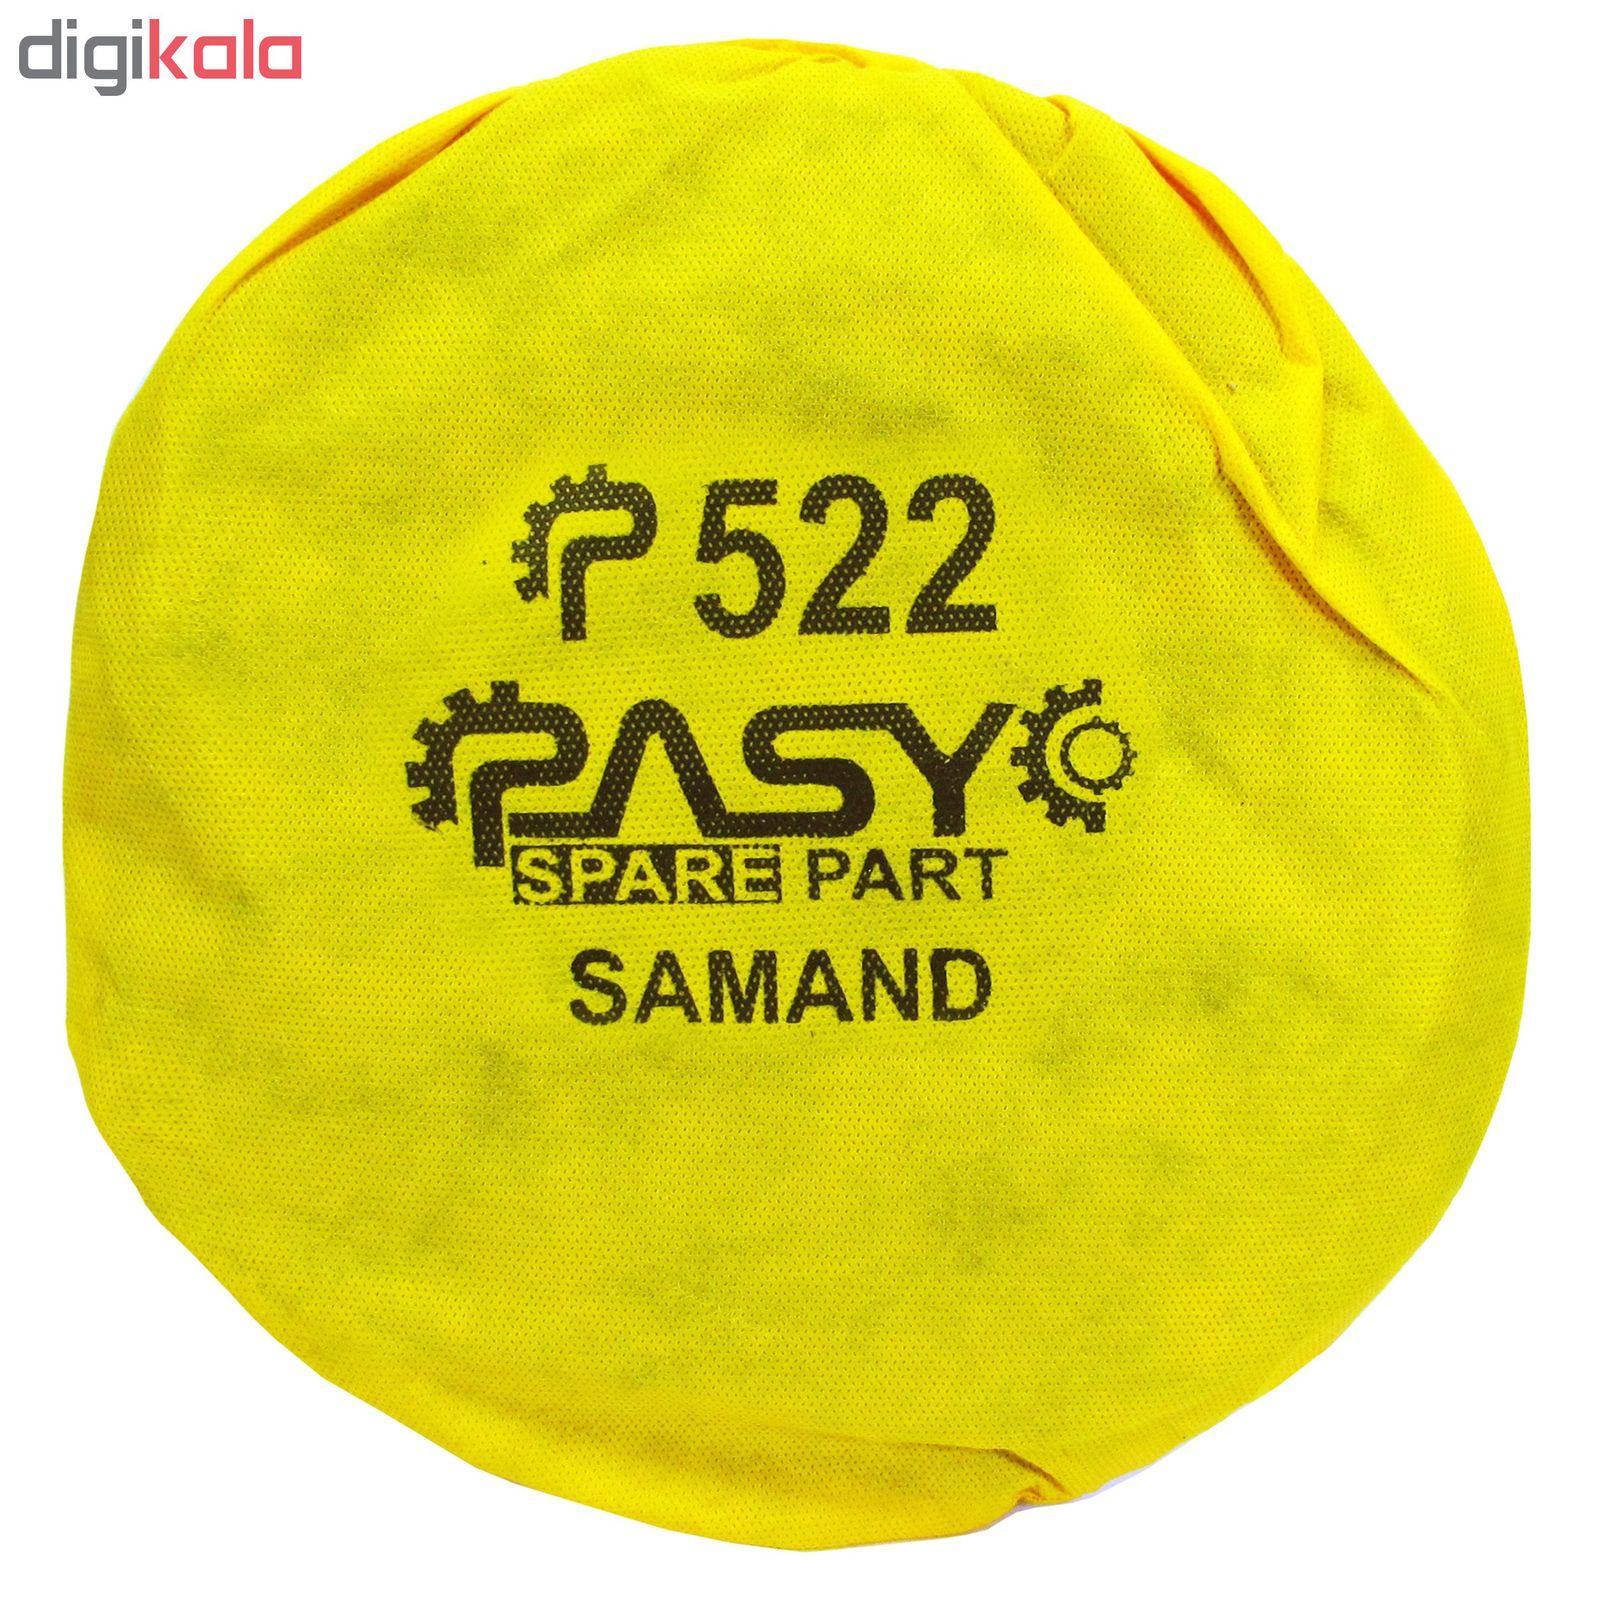 آفتاب گیر شیشه خودرو پاسیکو مدل P522 مناسب برای سمند و سورن بسته 4 عددی main 1 5